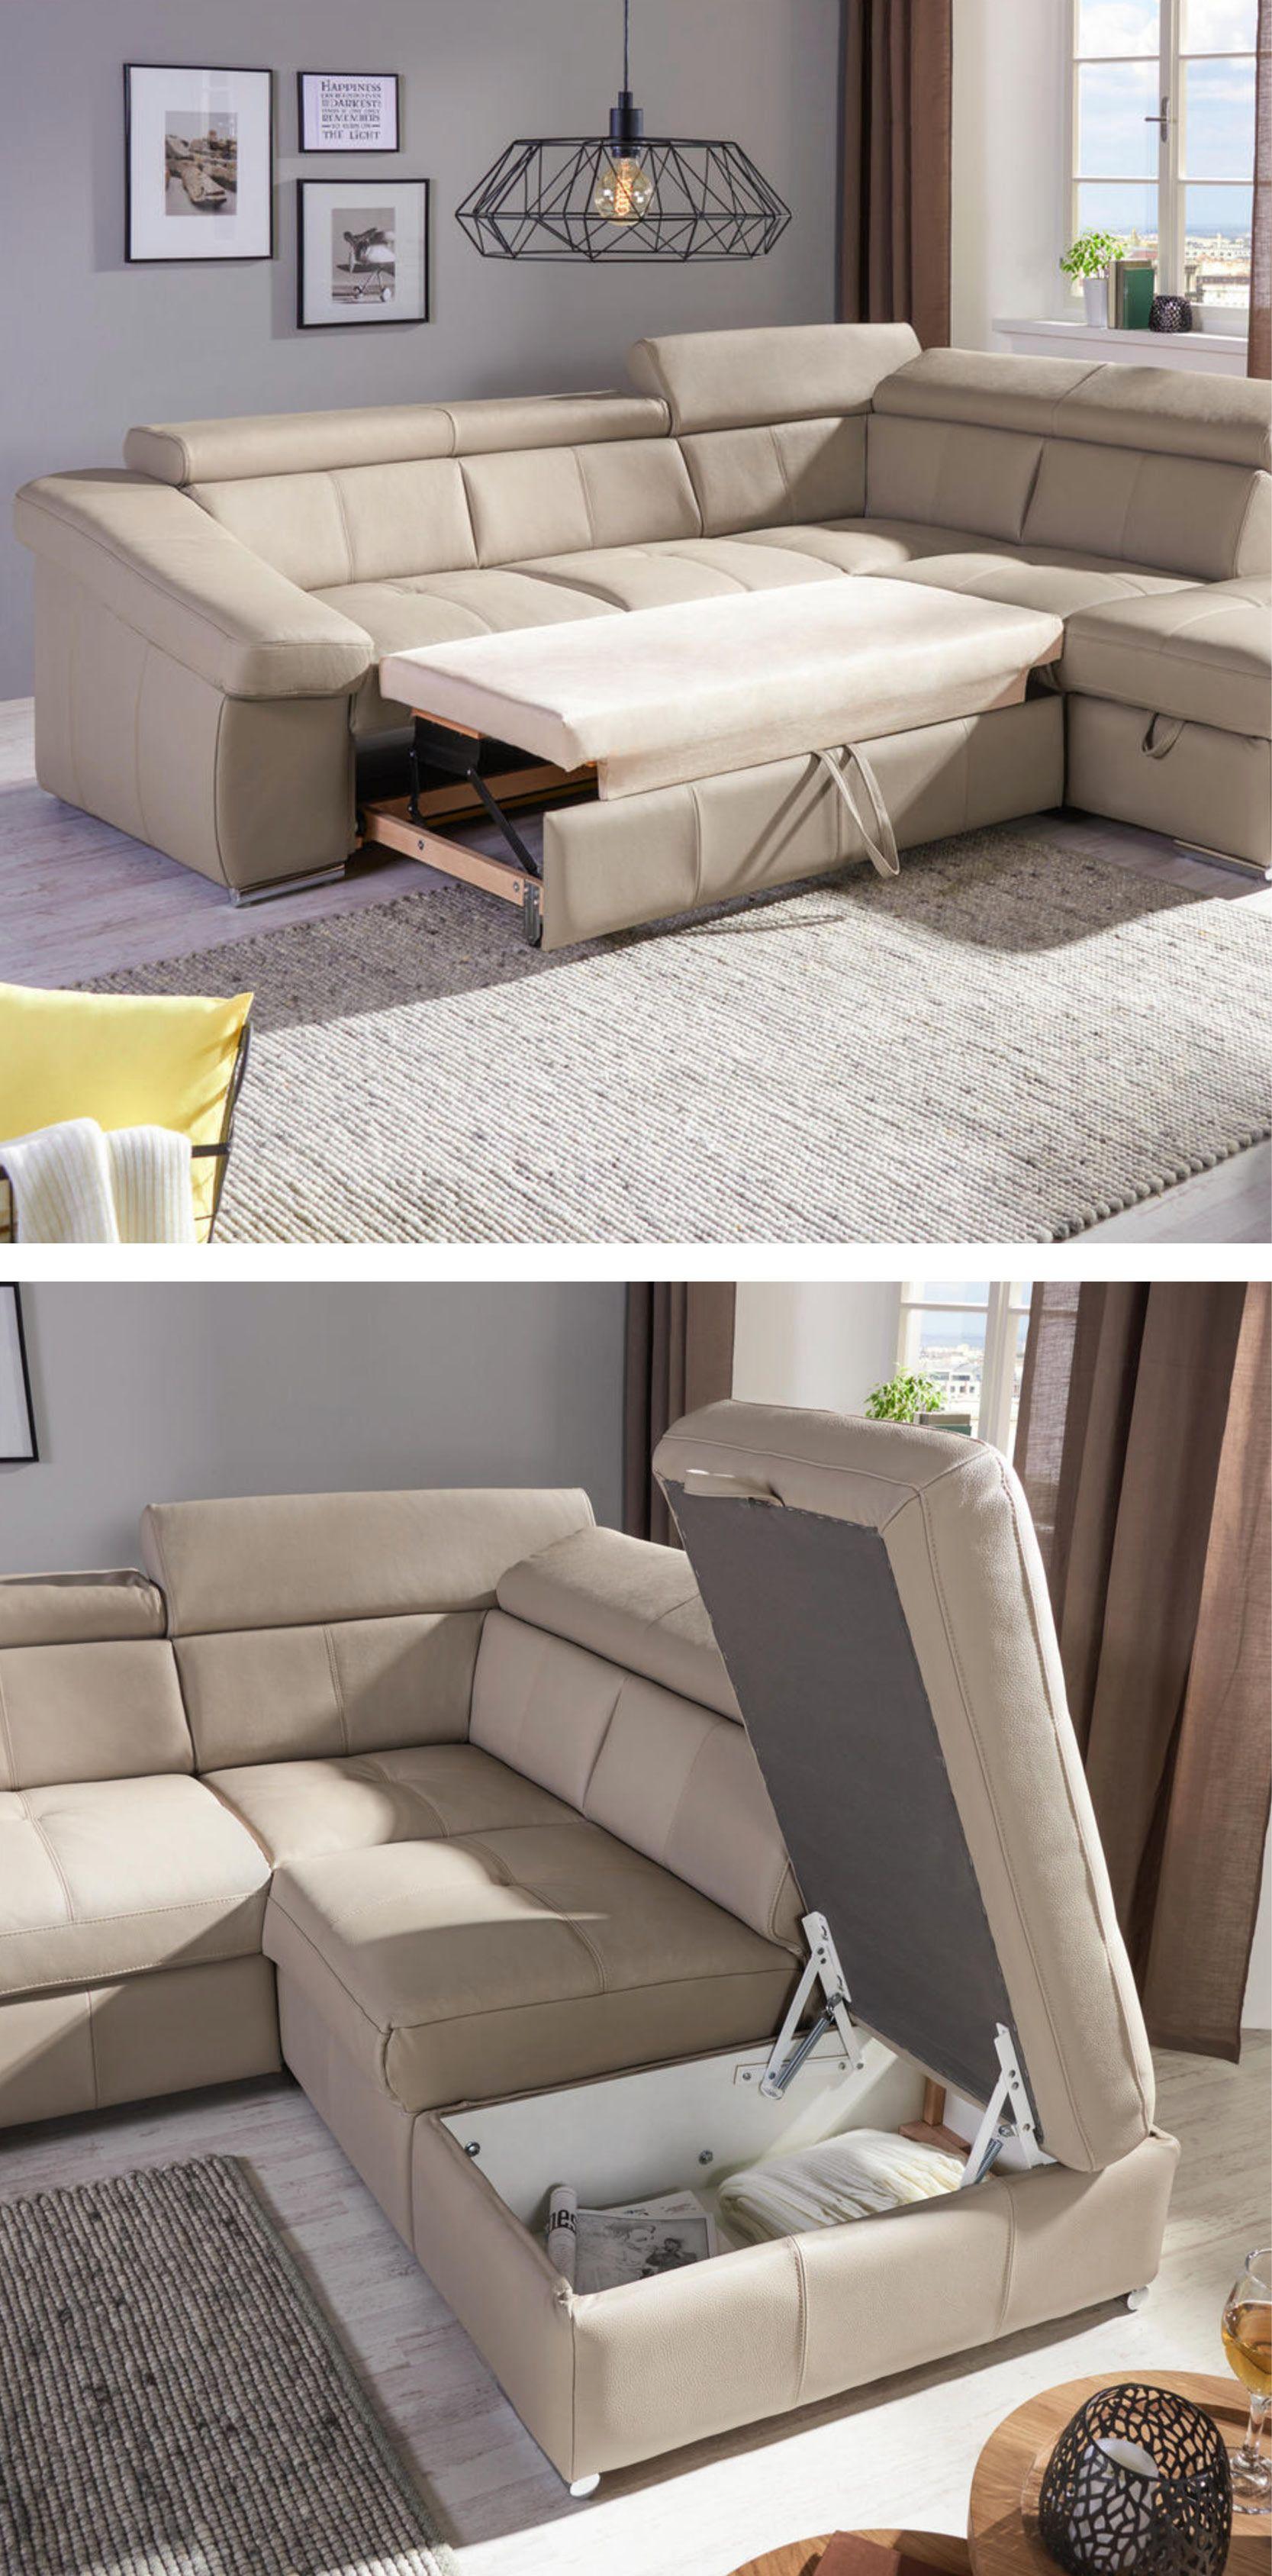 Wohnlandschaft In Leder Sandfarben Online Kaufen Xxxlutz Wohnlandschaft Wohnen Couch